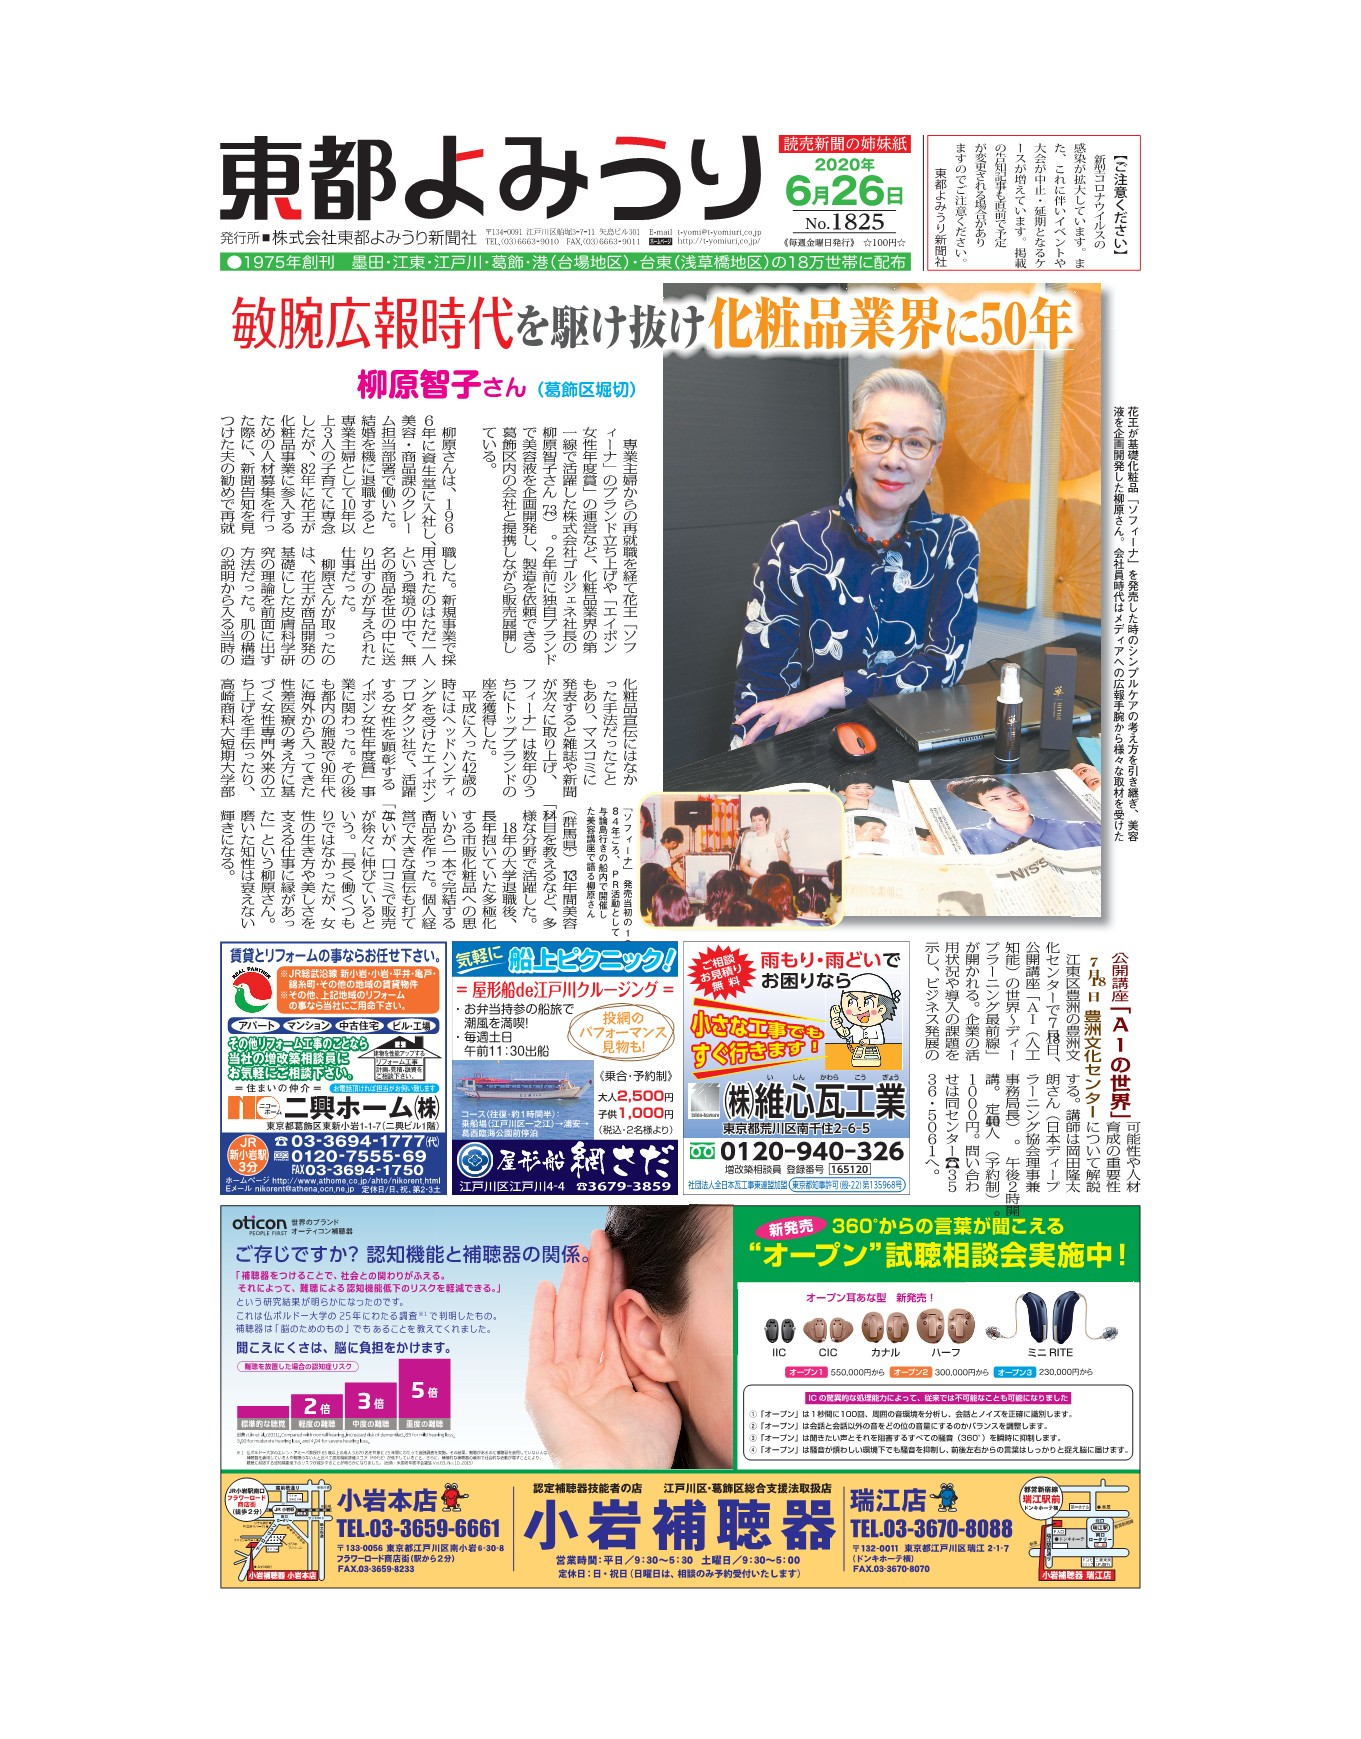 東都よみうり新聞に掲載いただきました!